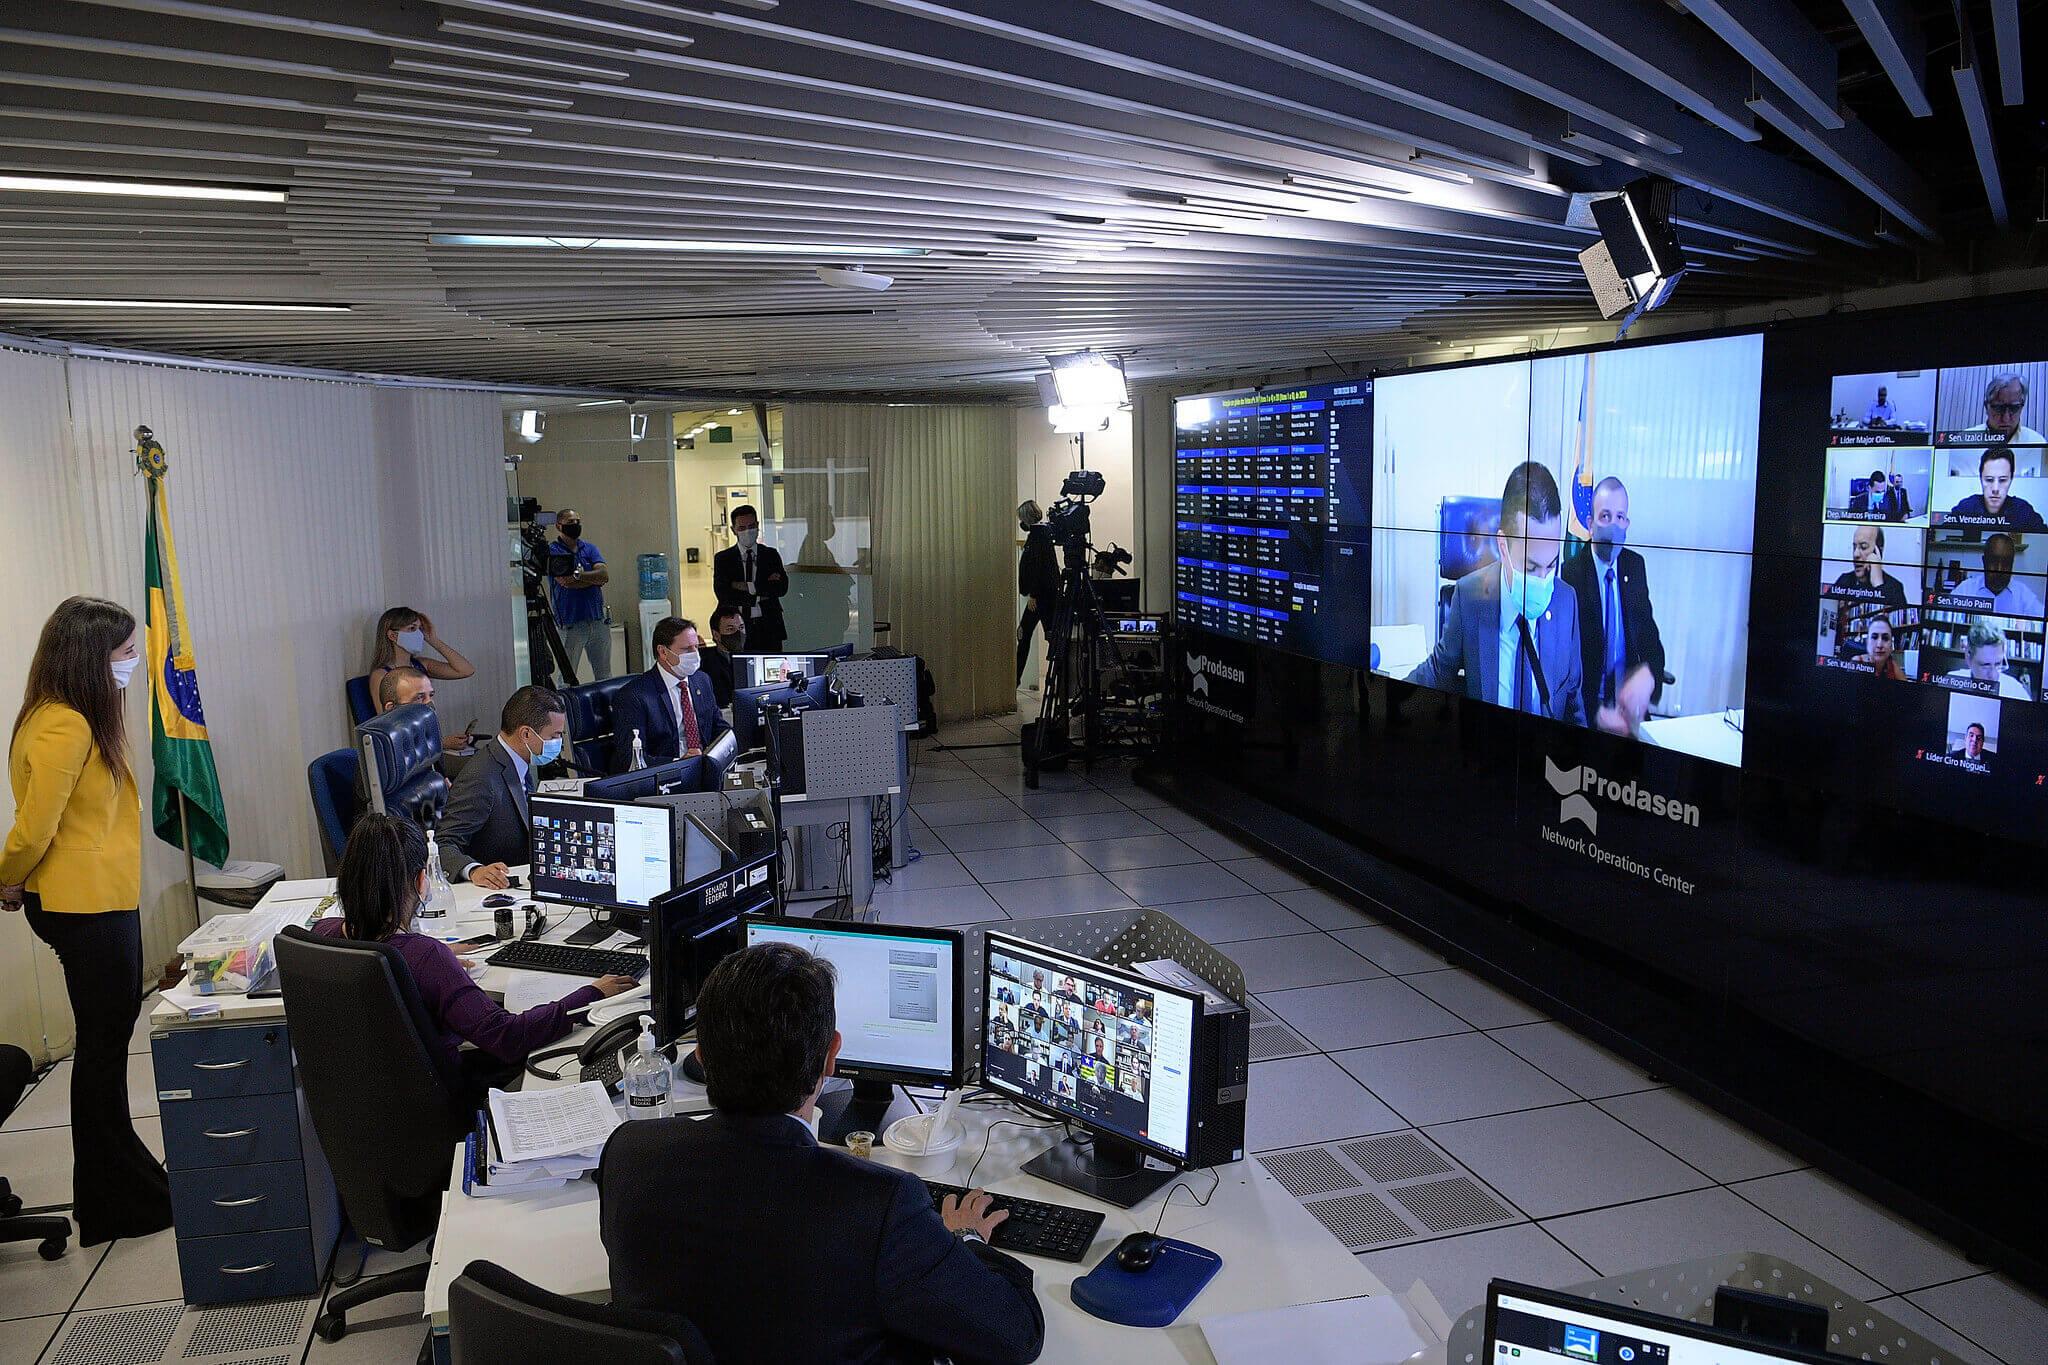 Dans l'image, un écran avec participation virtuelle de parlementaires à une session du Congrès. Contenu sur la façon de plaider en période de délibération à distance.